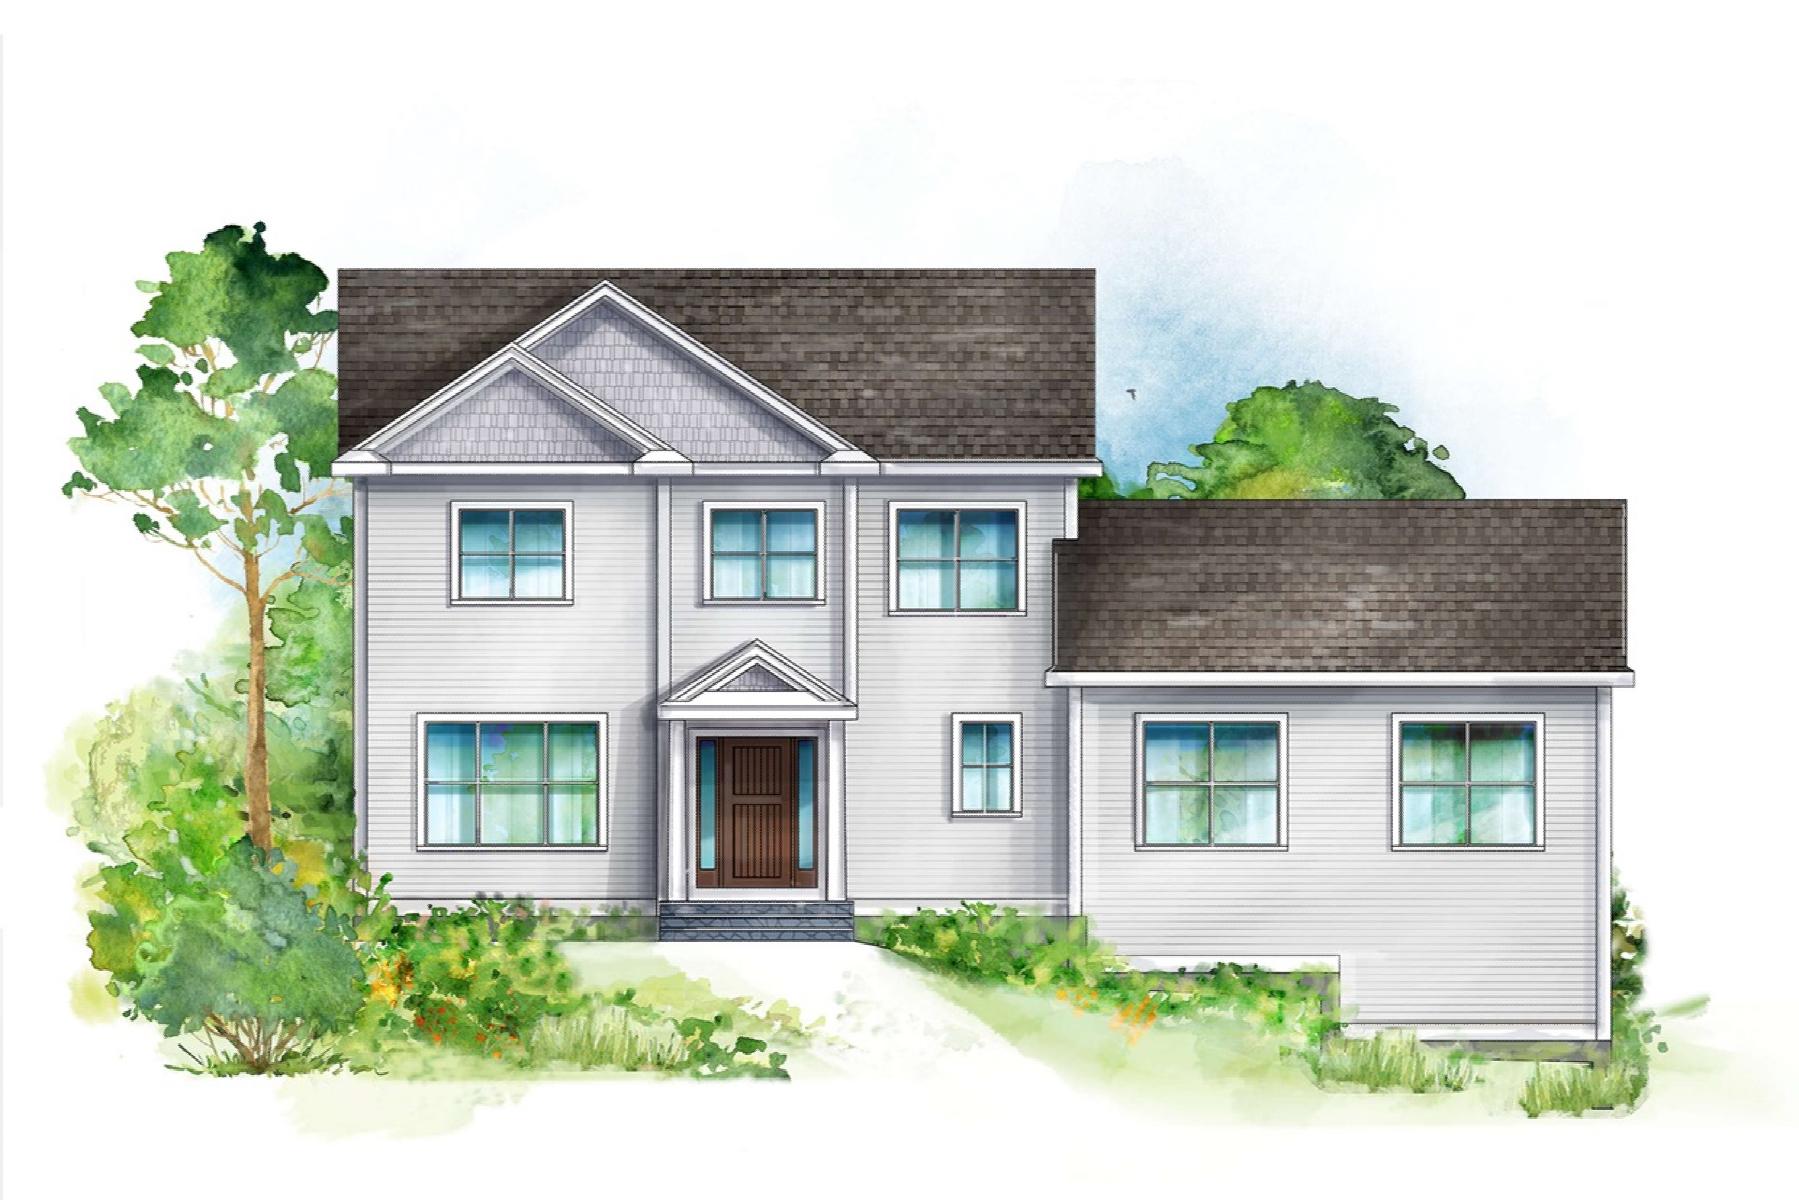 Casa Unifamiliar por un Venta en 15 Hume Road, Bedford 15 Hume Rd Bedford, Massachusetts 01730 Estados Unidos